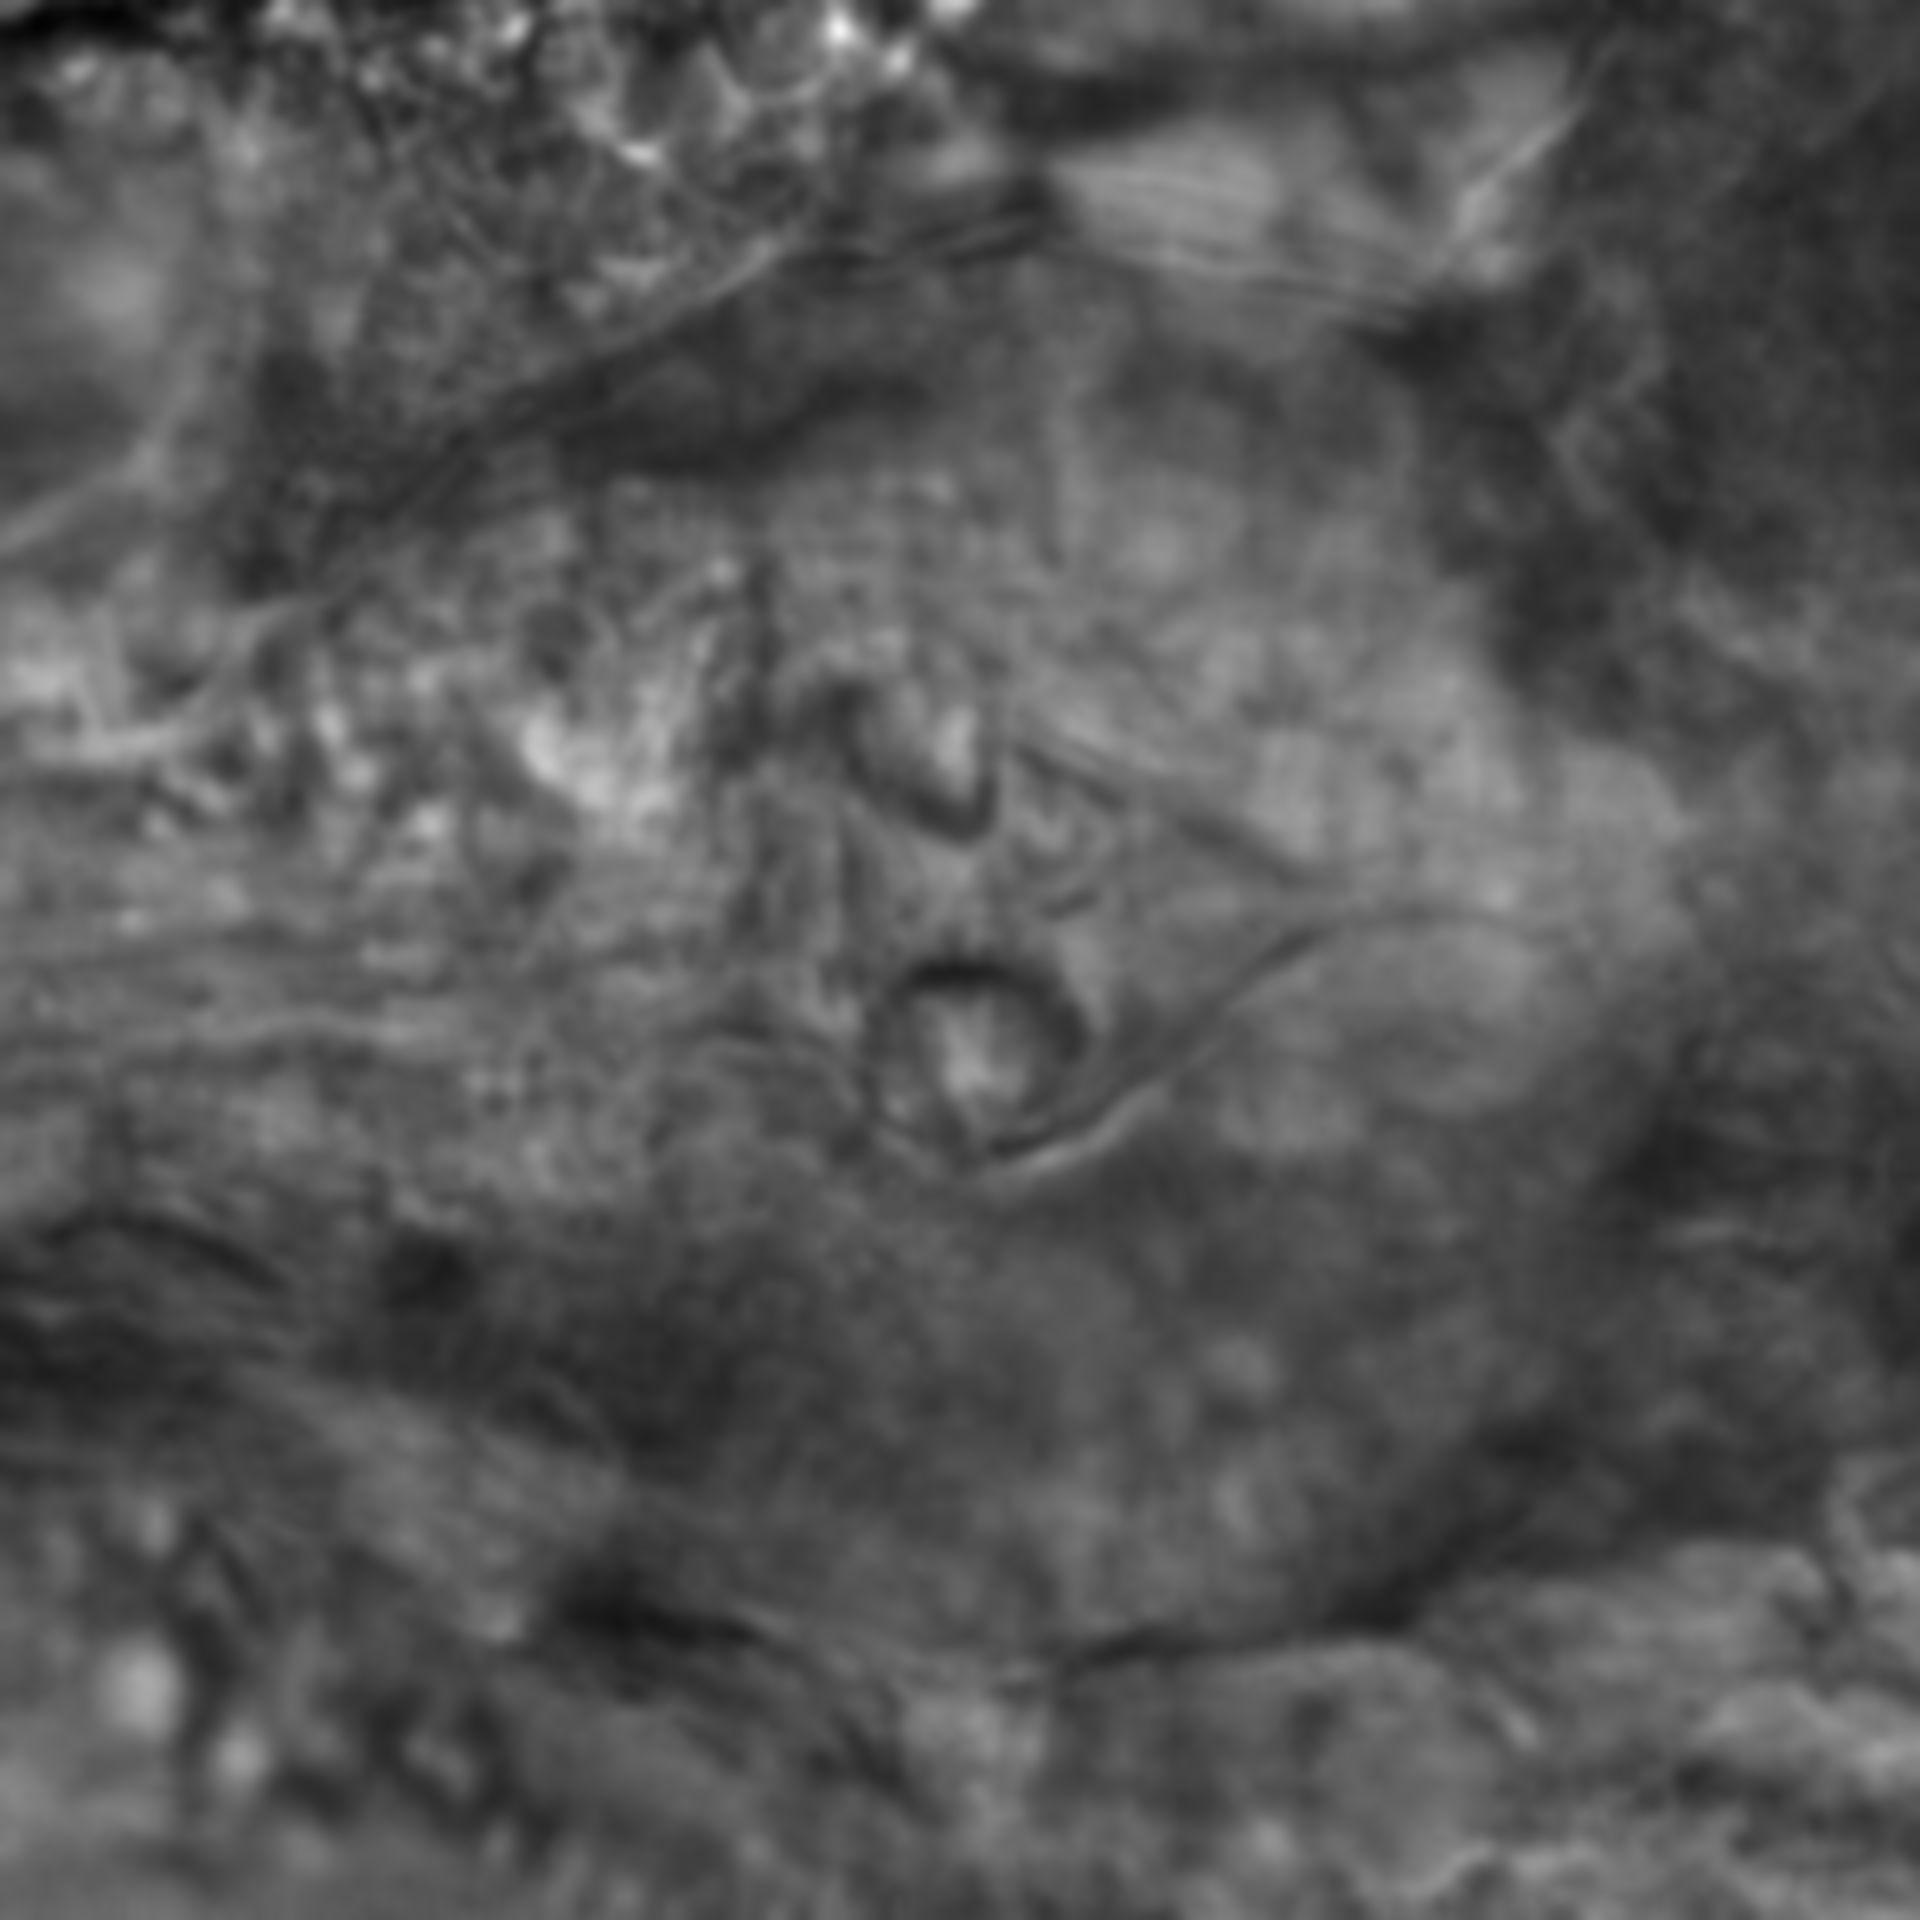 Caenorhabditis elegans - CIL:2806